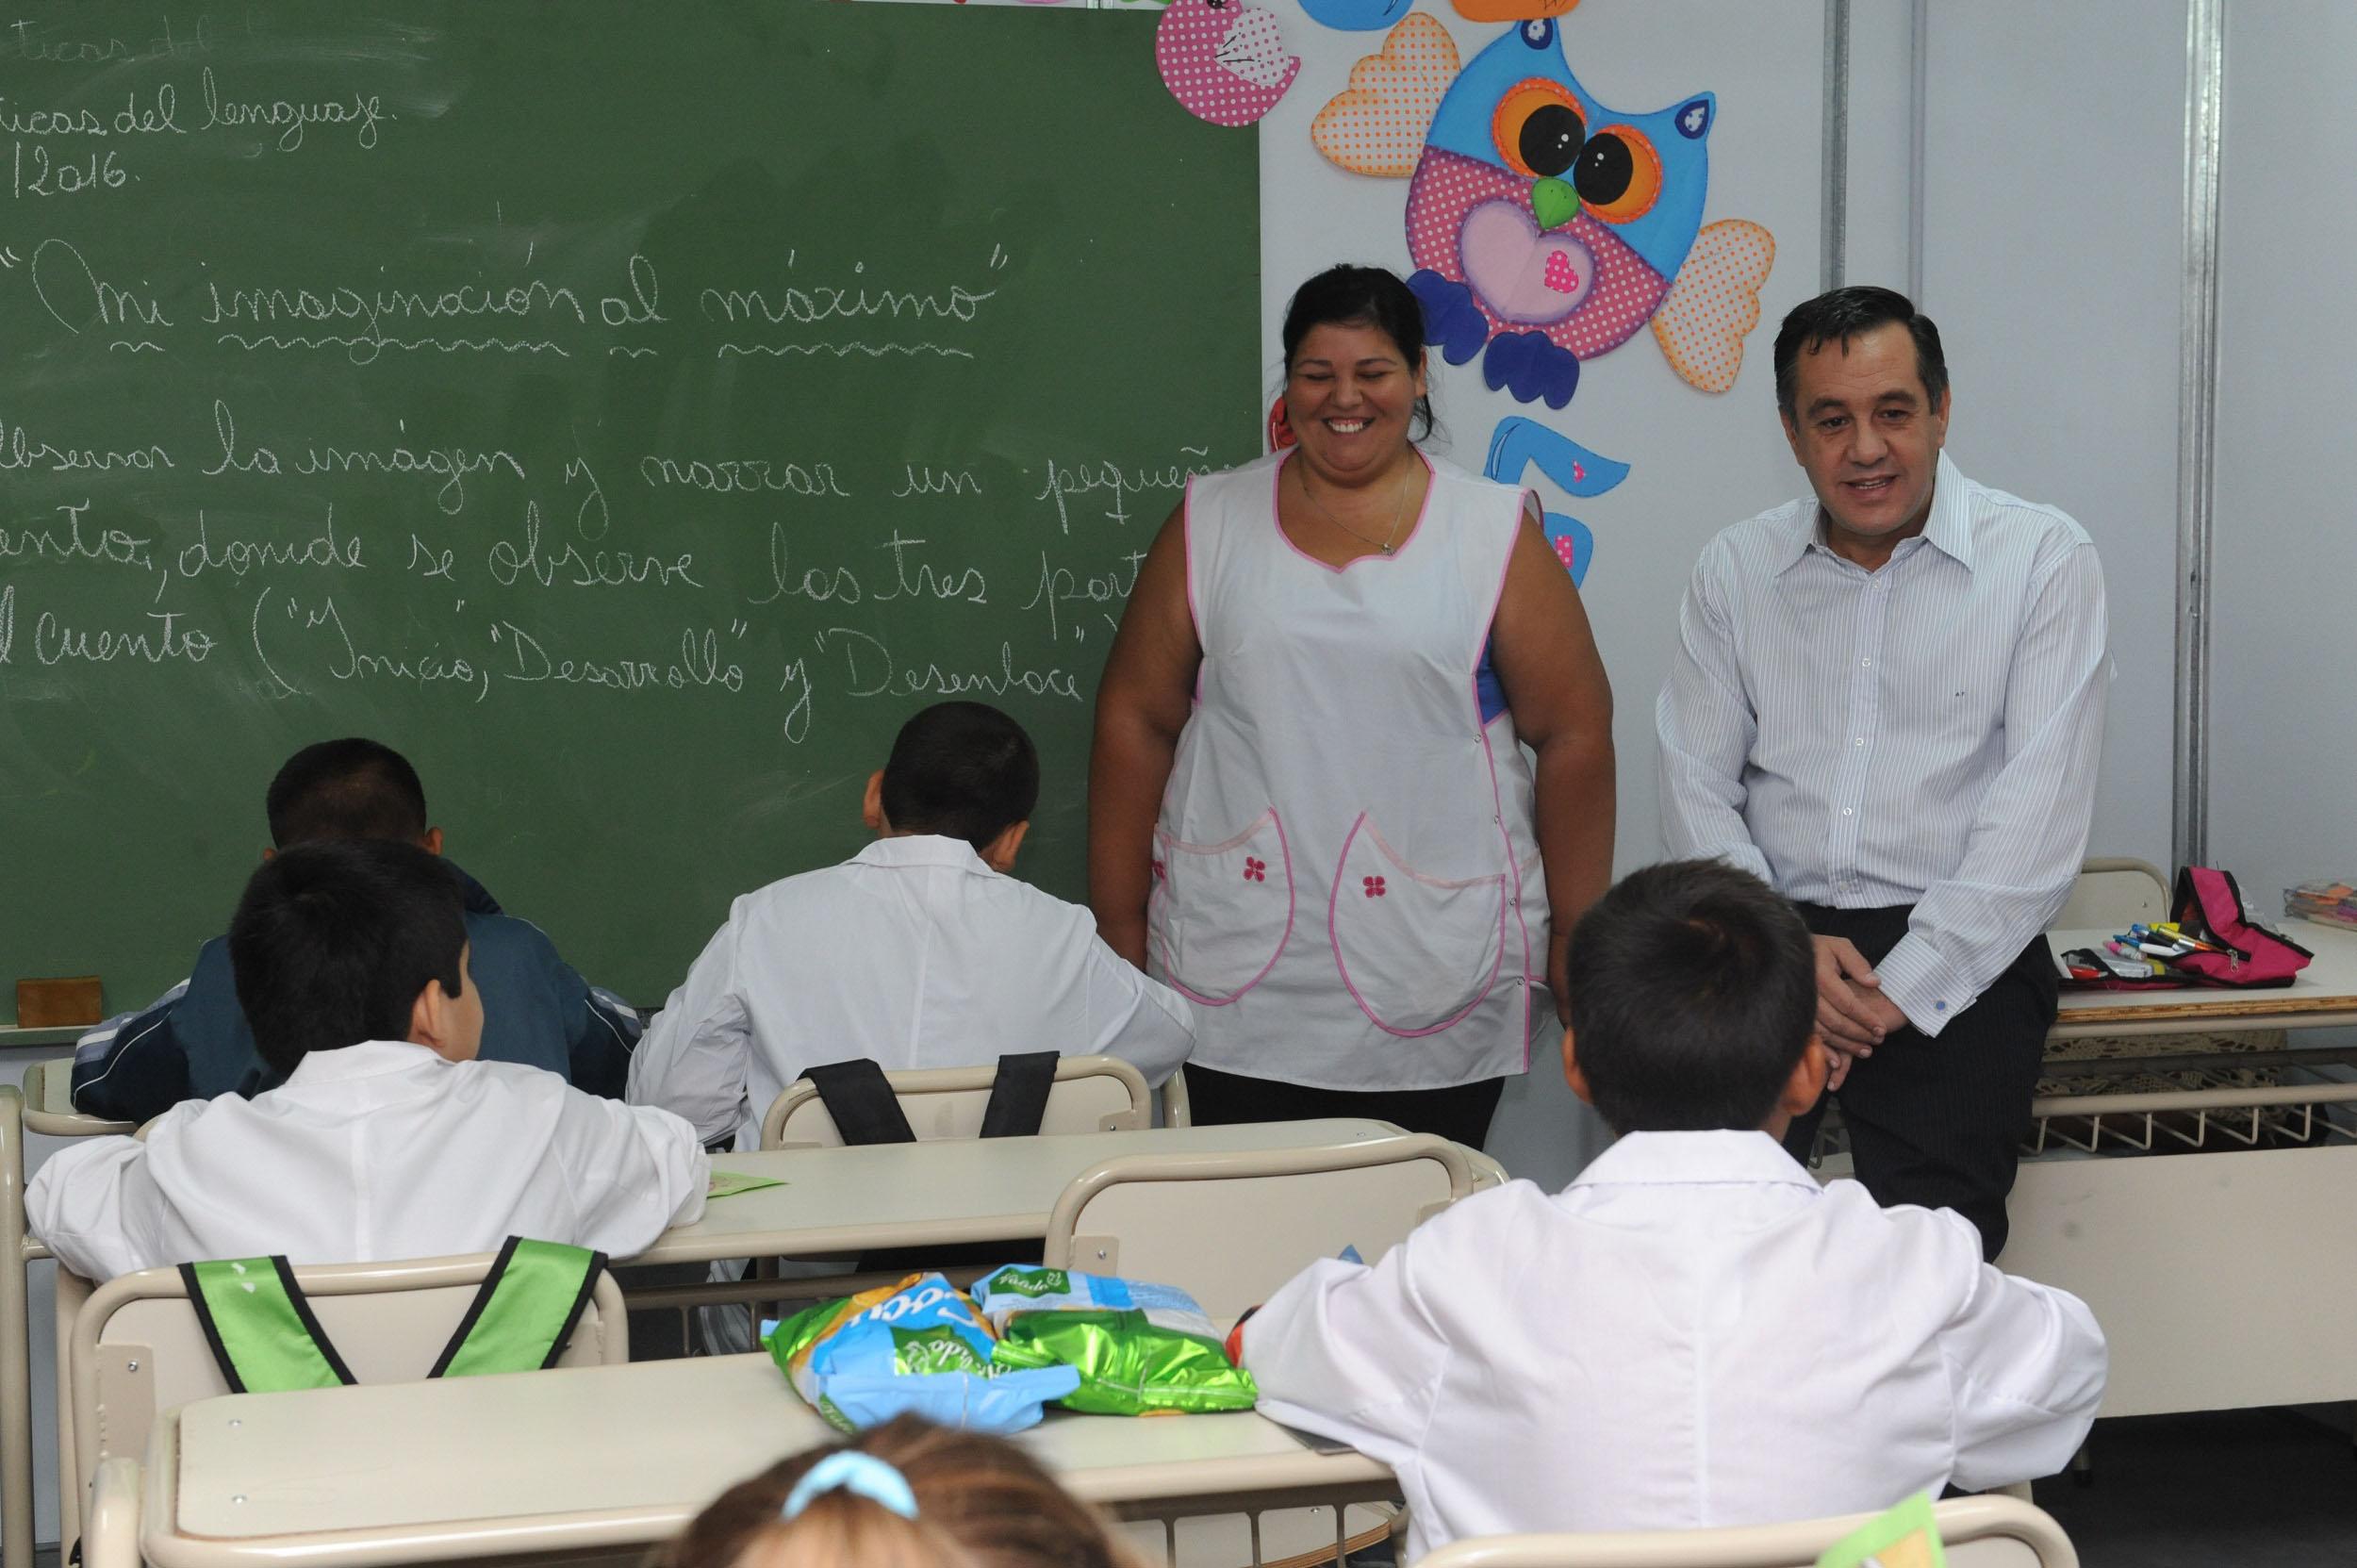 Noticias_chivilcoy_1 marzo 01-03-2016 - Finocchiaro visitó la Escuela 57 de Moreno 2